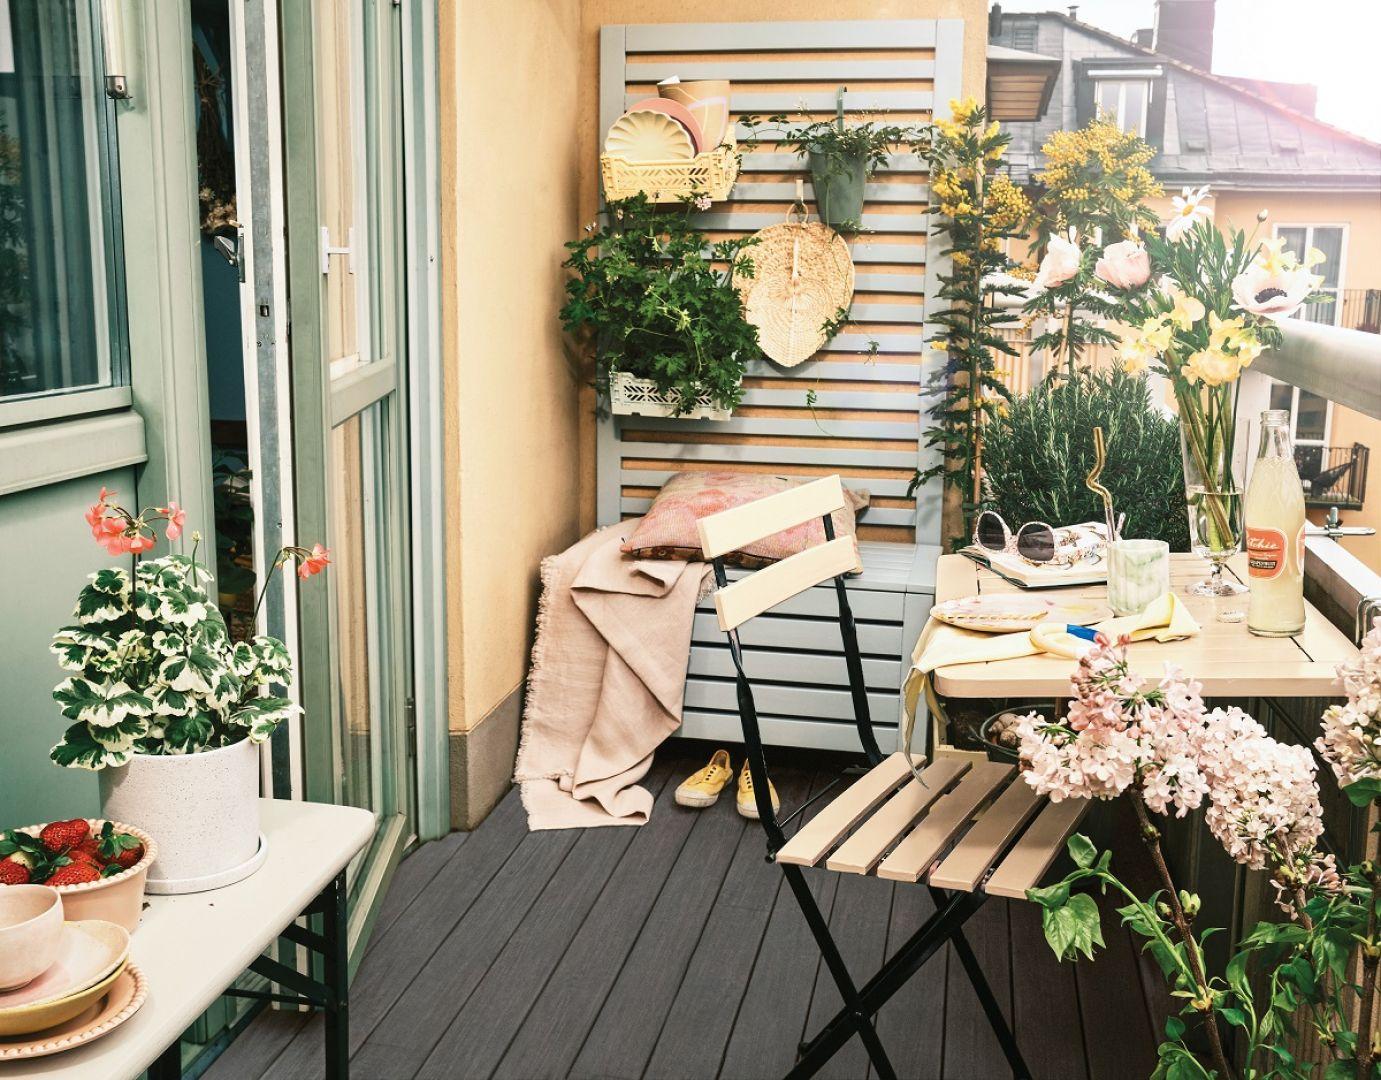 Krzesło o stół na tarasie pomalowane zostały kolorem Melon, ławka odcieniem Vannila Cream. Fot. Beckers